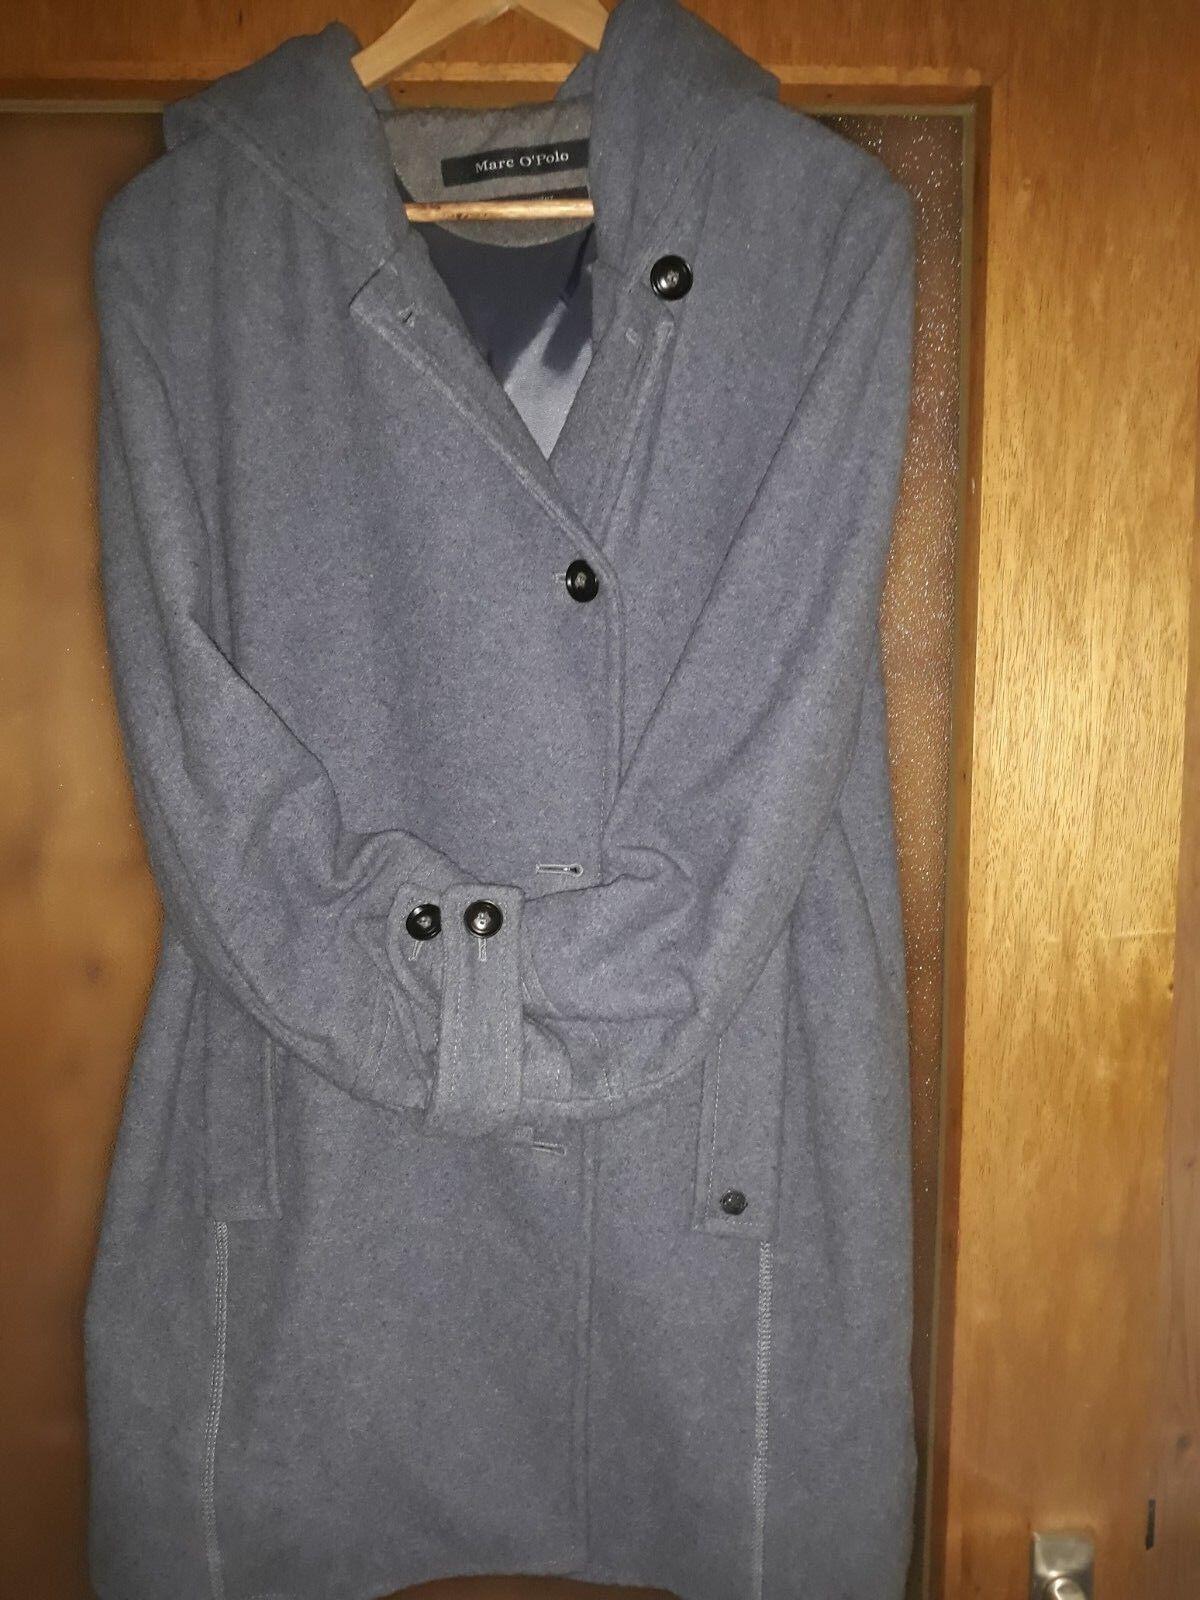 8cf97f1b0d8c5e Marc Polo Neu Damenjacke blau Gr.40 M o nvkrus703-neue Kleidung